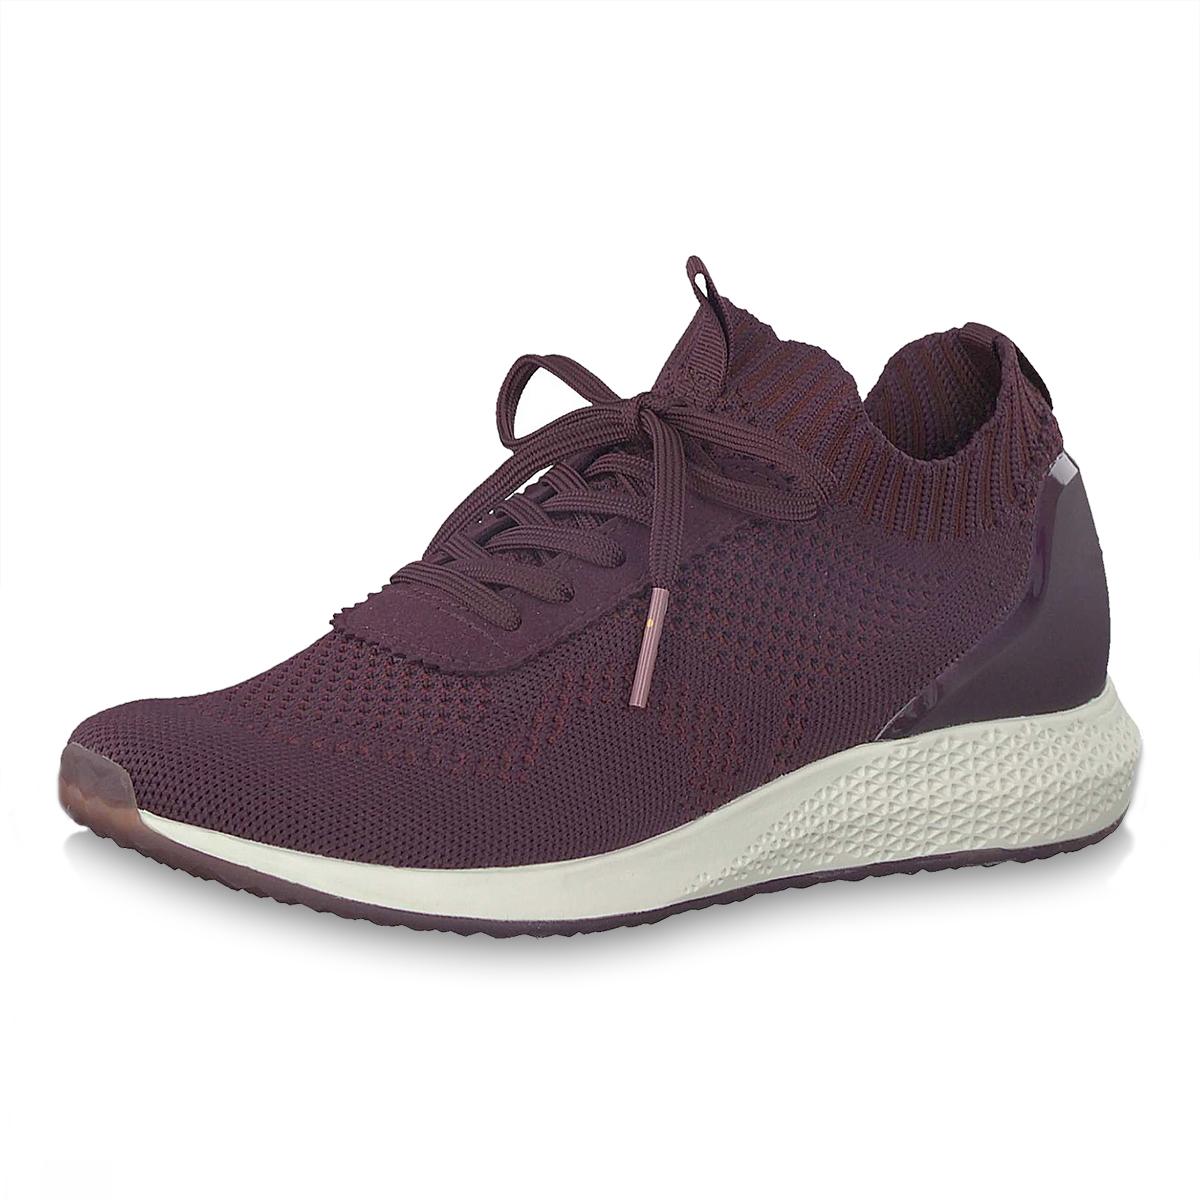 d7503cd2e8047 Dámská obuv TAMARIS 1-1-23714-31 BORDEAUX 549 | W&R obuv